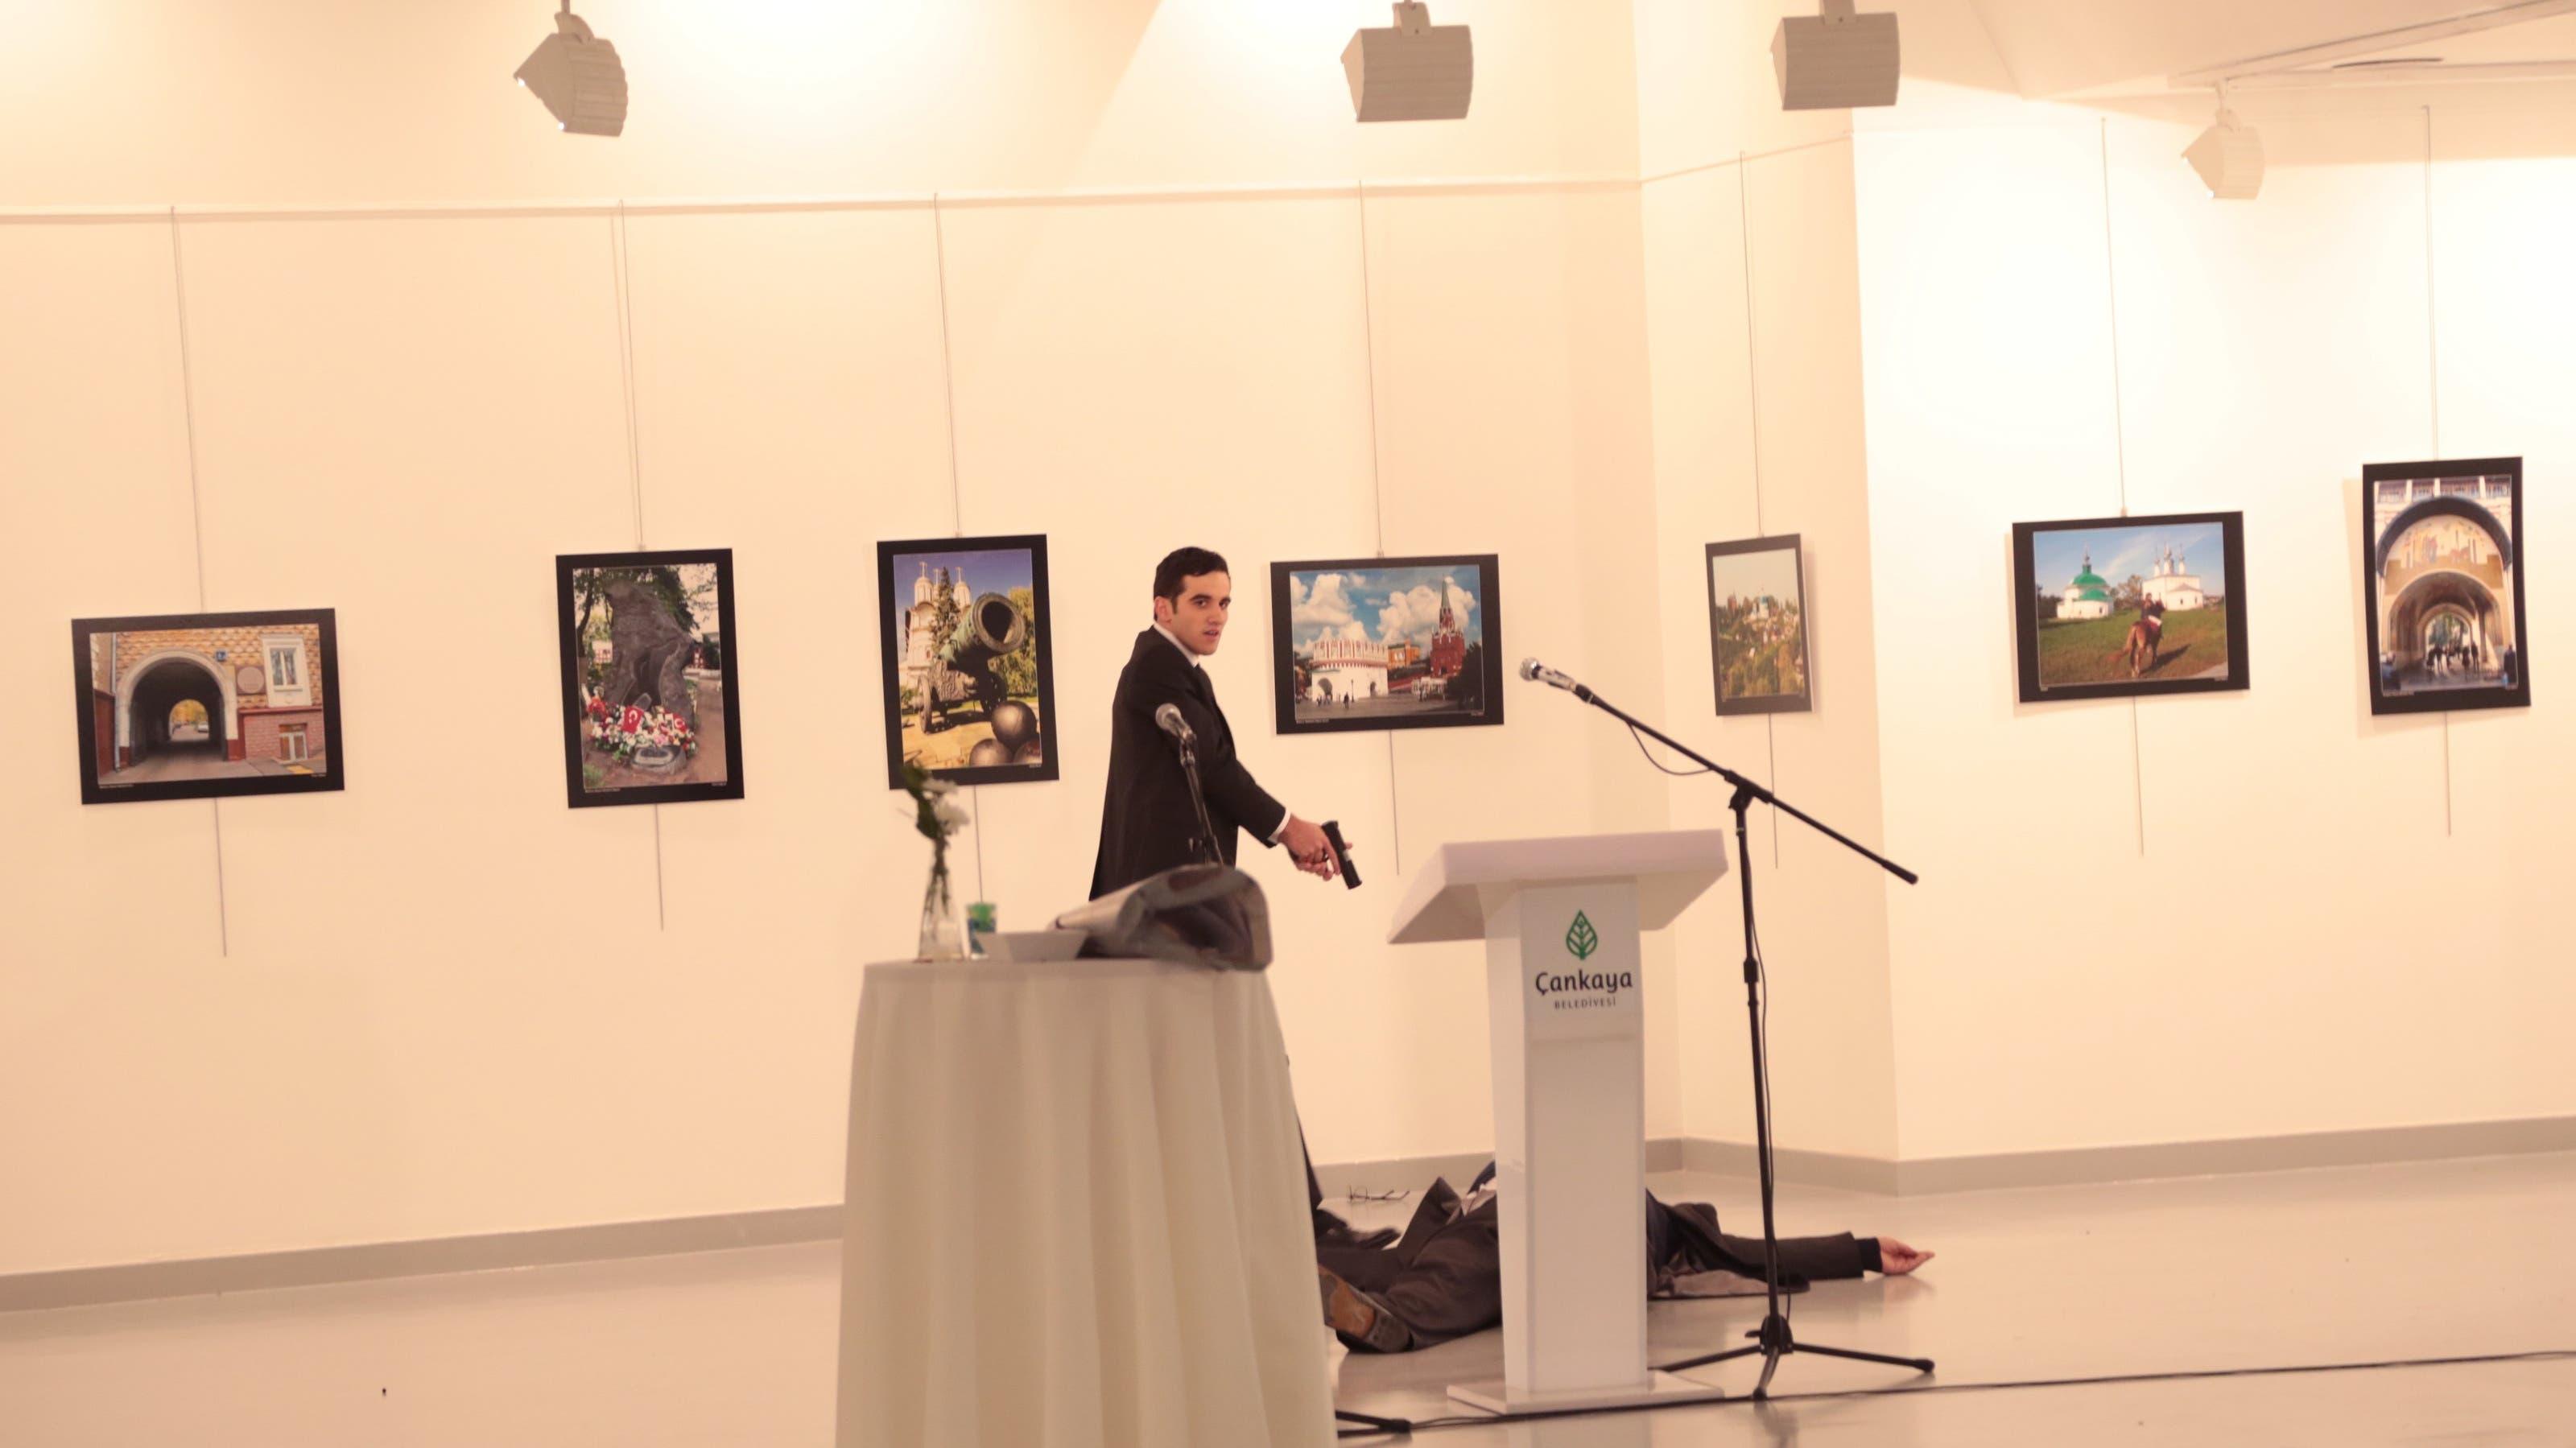 19. Dezember 2016: Bei einer Kunstausstellung in Ankara wird der russische Botschafter Andrej Karlow erschossen.